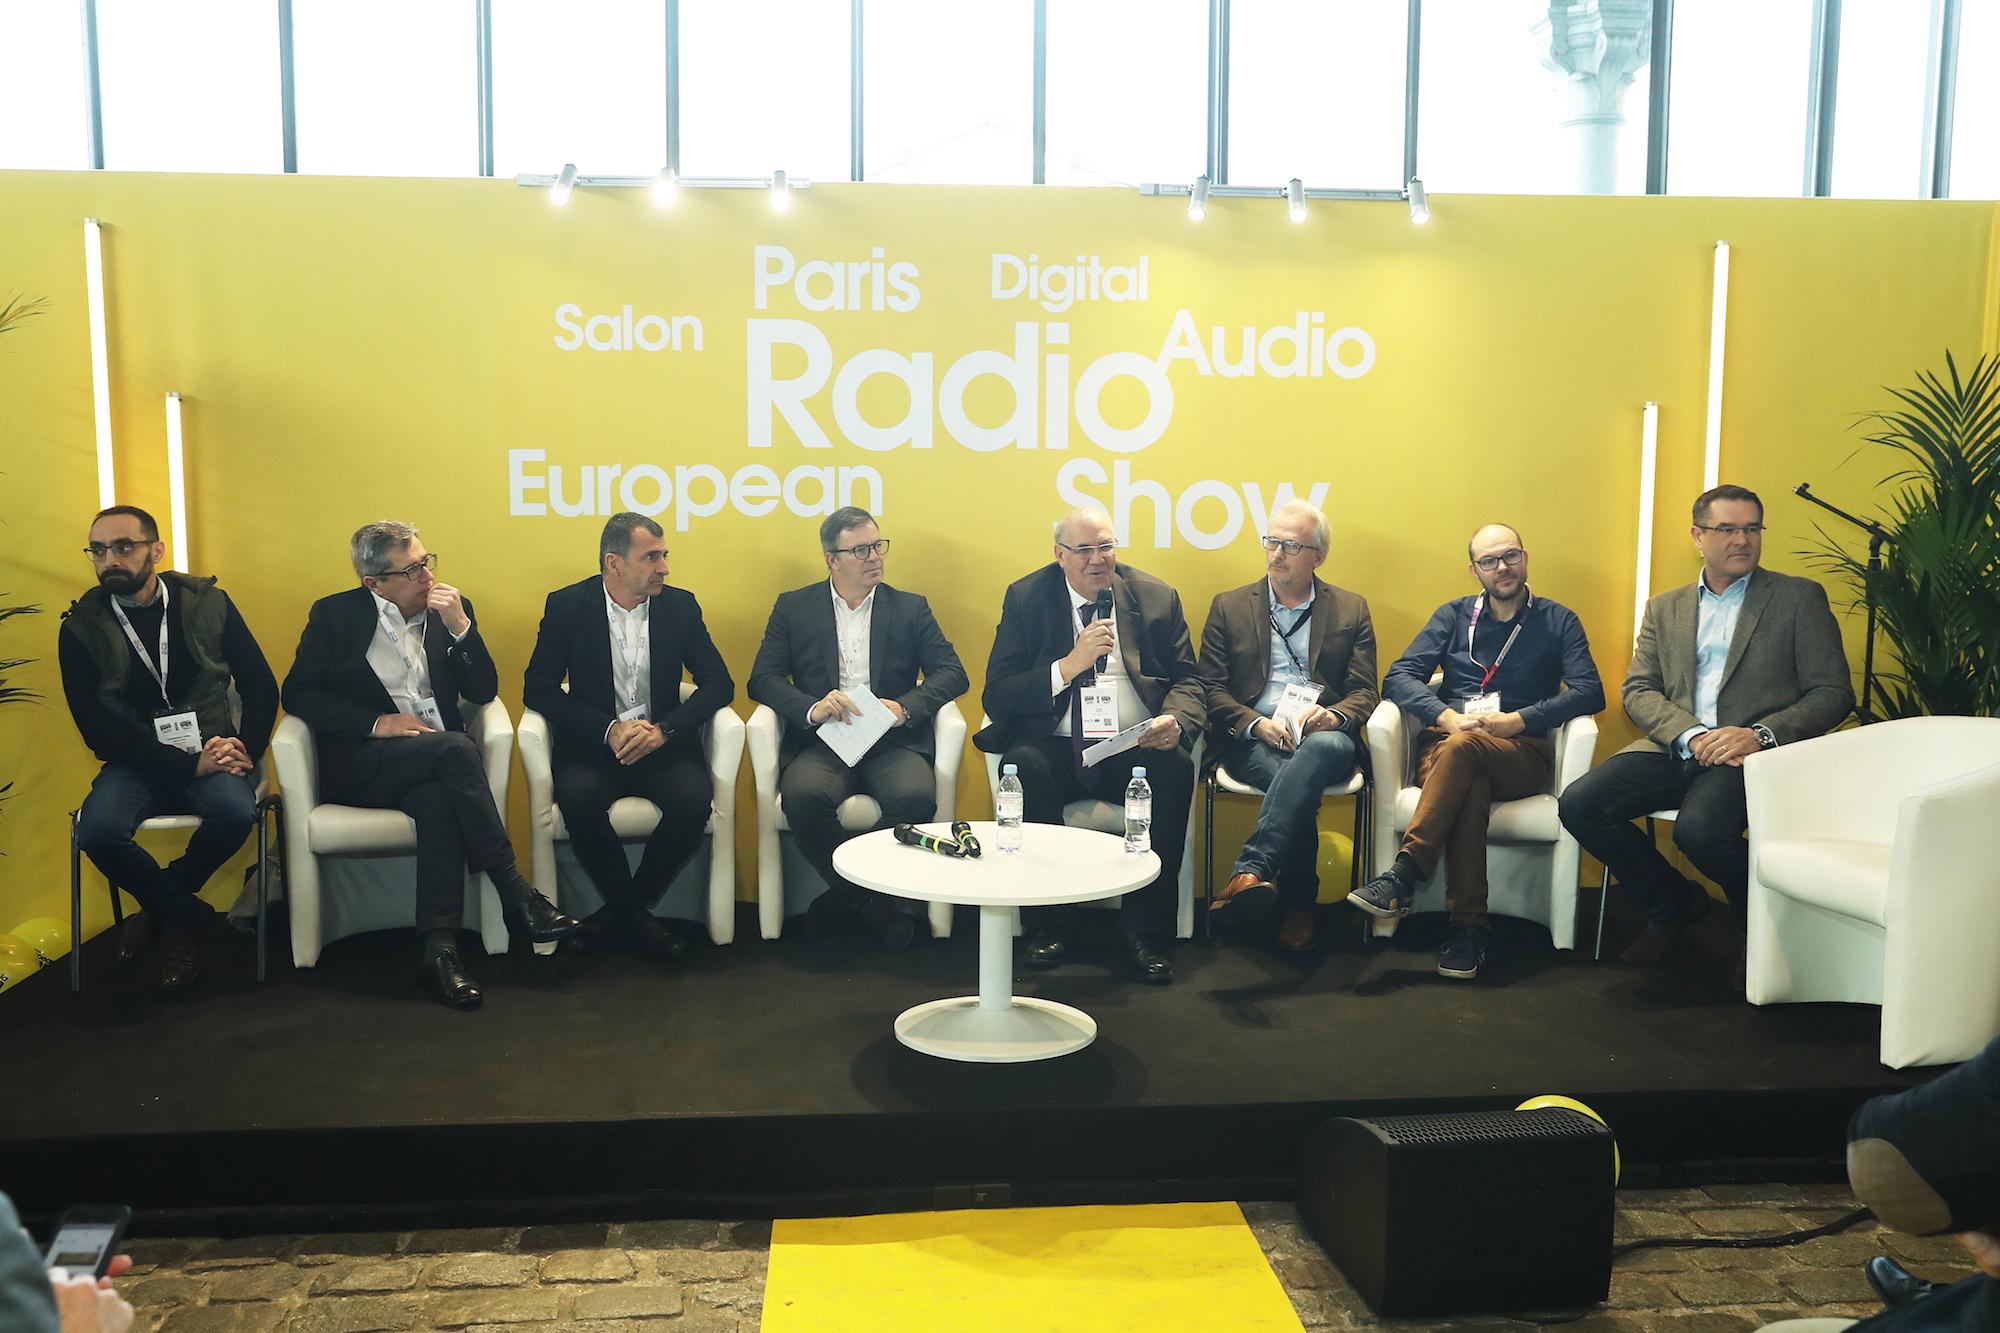 Le DAB+ : cette nouvelle technologie a notamment été mise en avant par Nicolas Curien du Conseil supérieur de l'audiovisuel